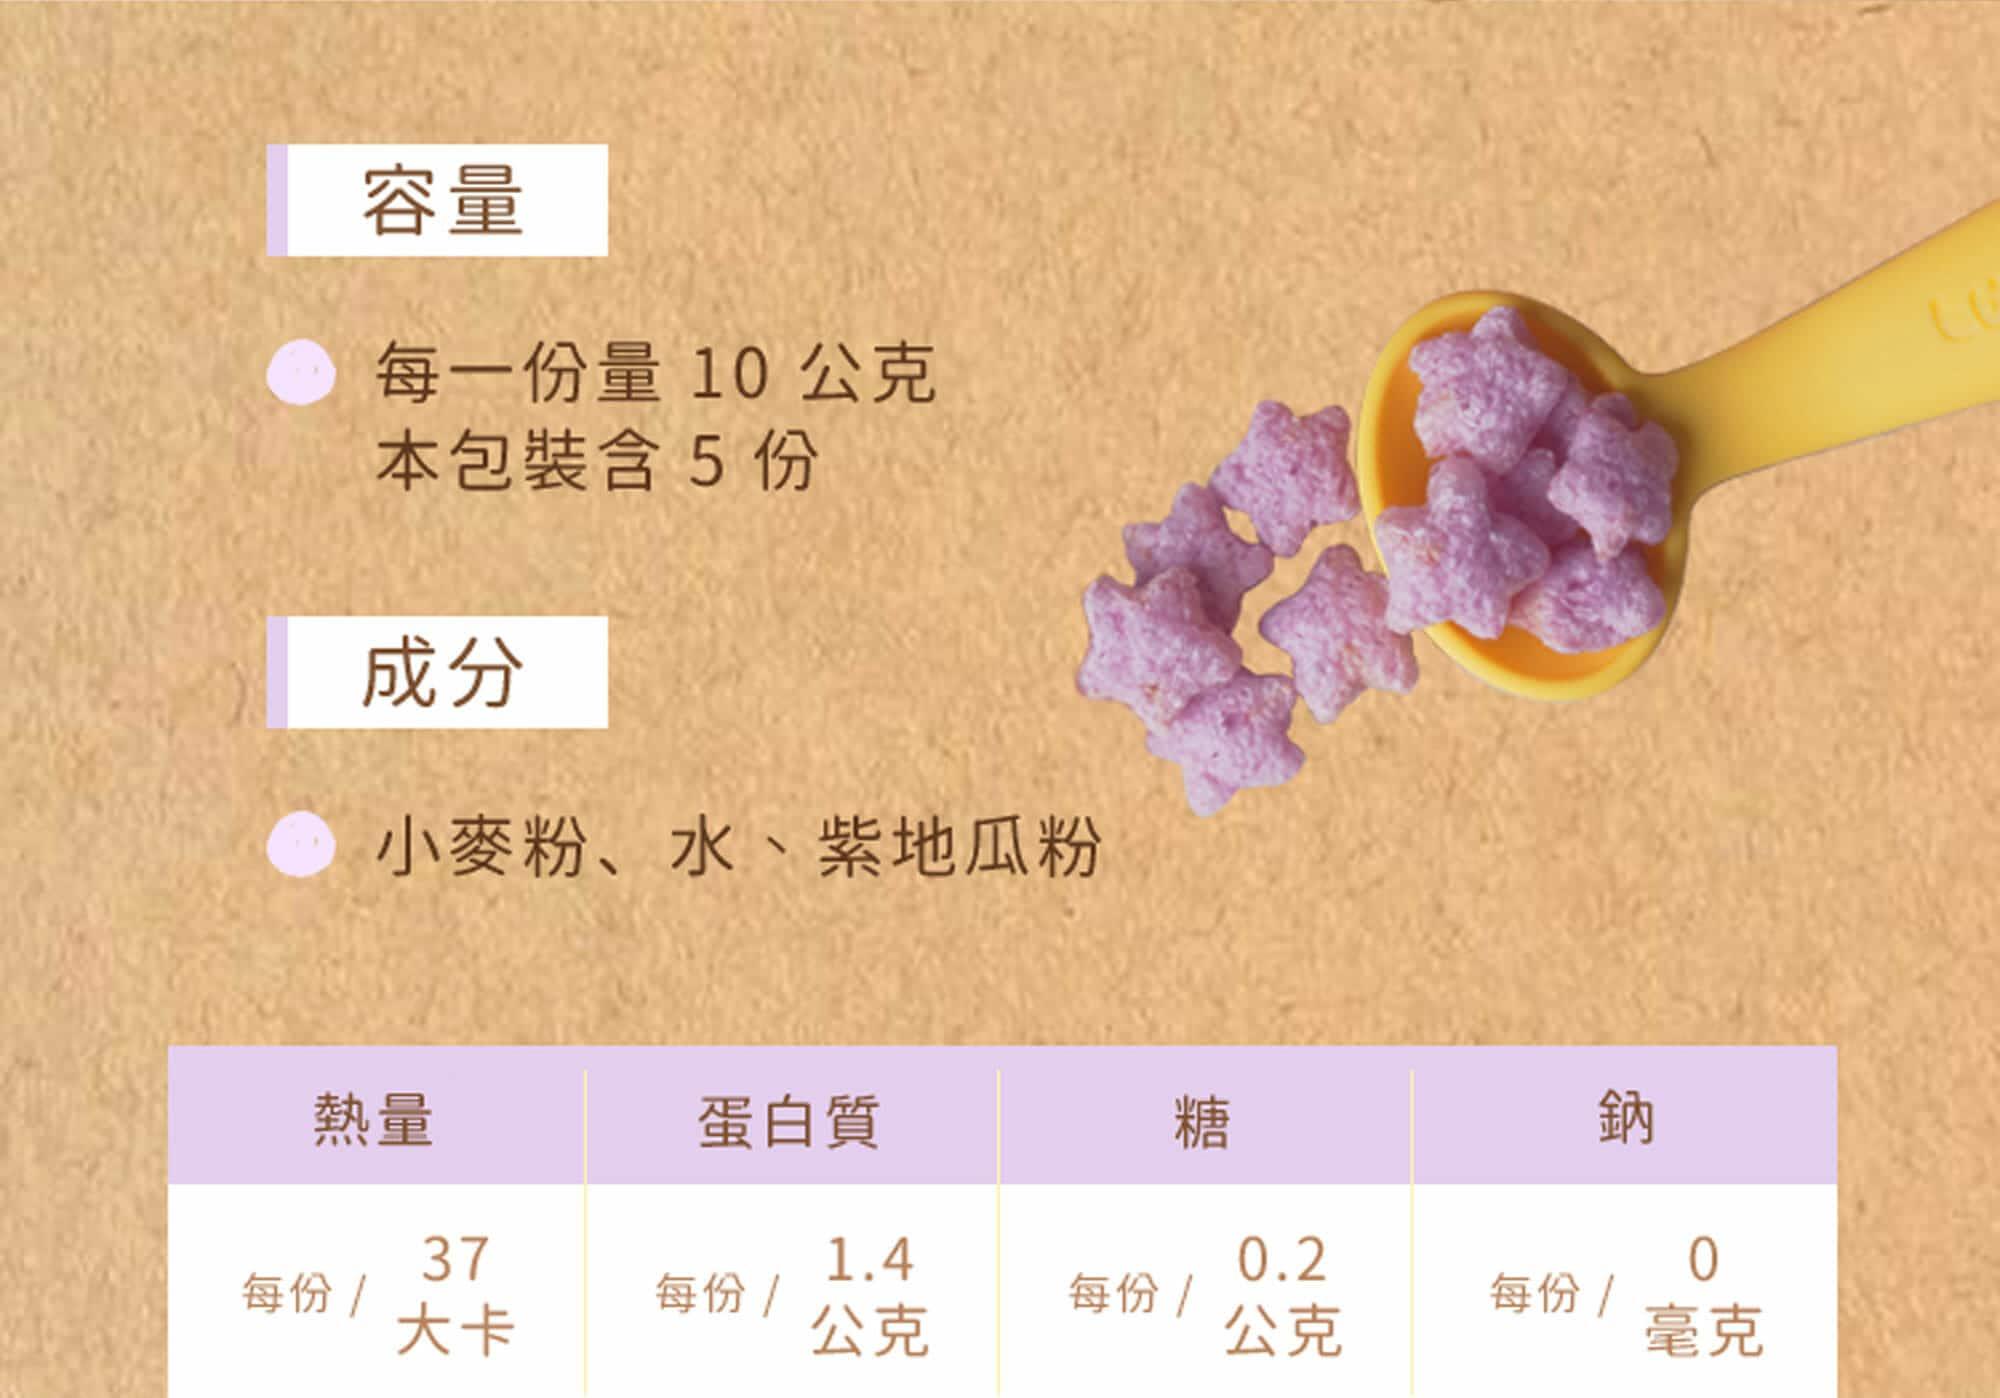 麥星星紫地瓜口味的成分表,總容量50公克,每一份10公克,成分包含小麥粉、水、紫地瓜粉。每10公克約37大卡,並含有1.4公克蛋白質,0.2公克的糖分,不含脂肪不含鈉。